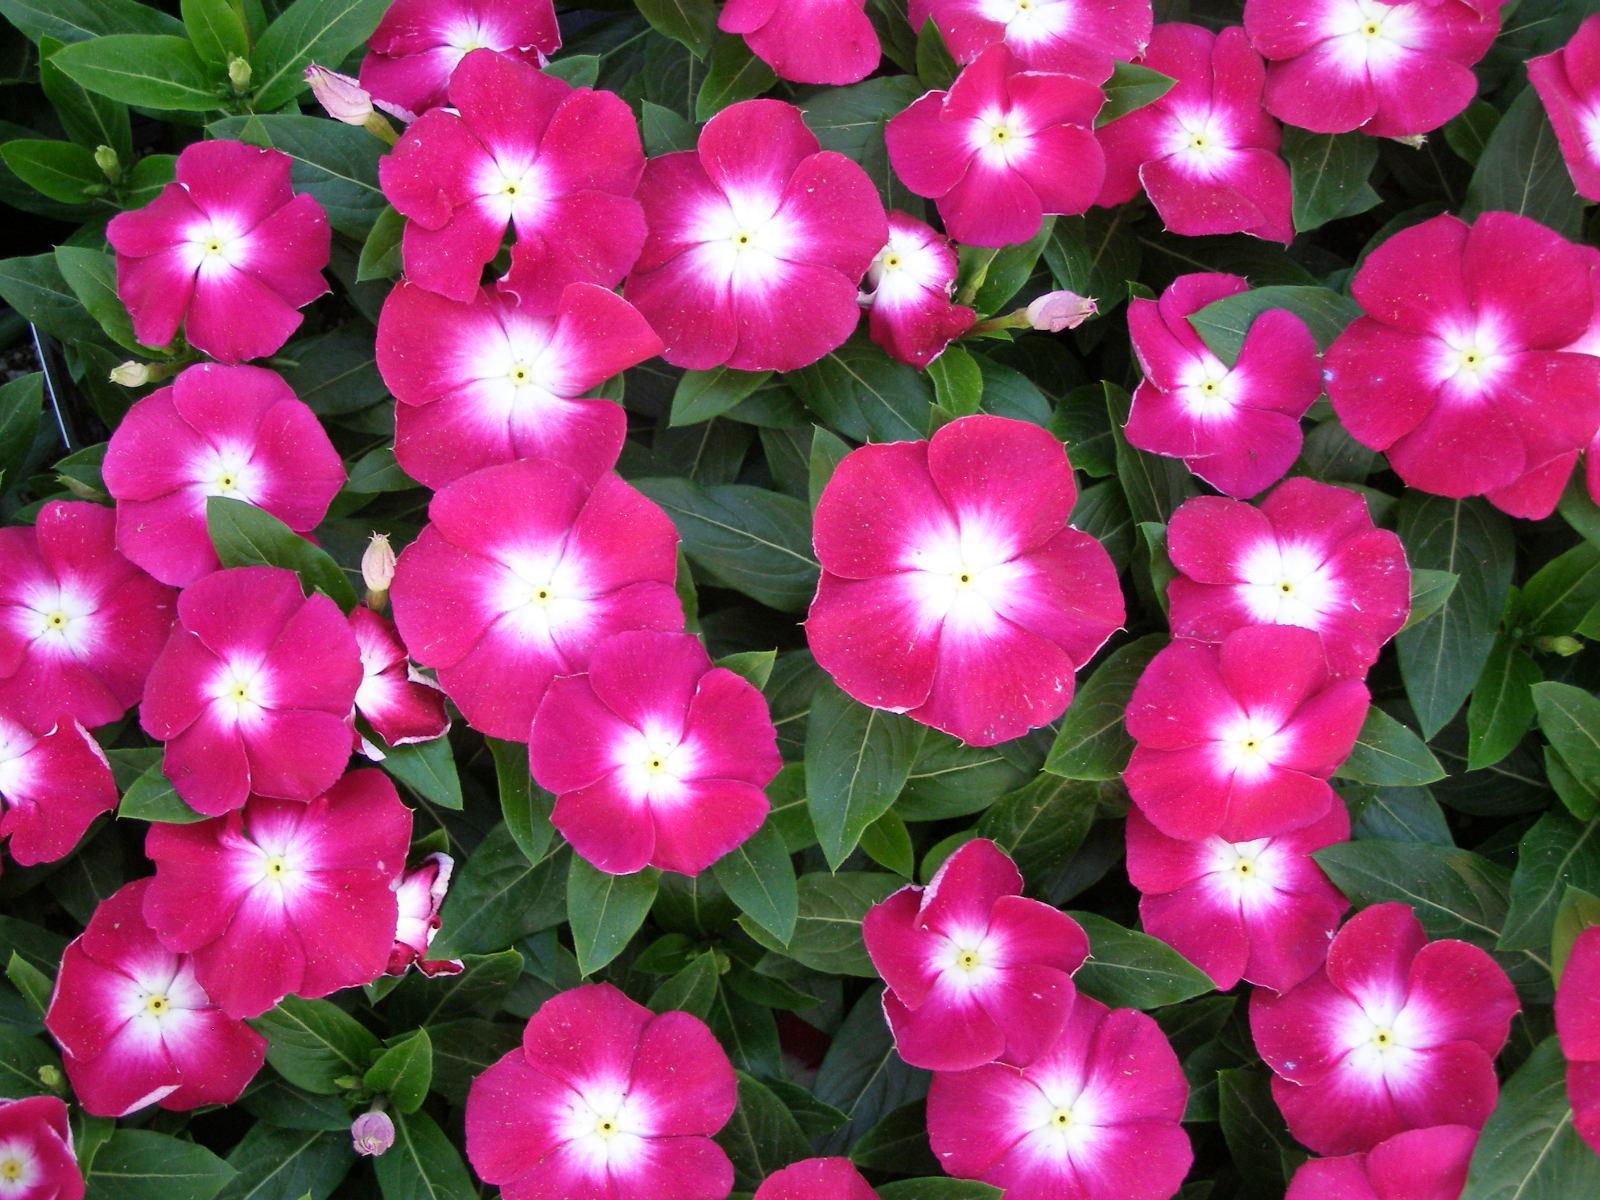 Vinca Pink Rosea Hybrid Seeds Buy At Seedsnpots